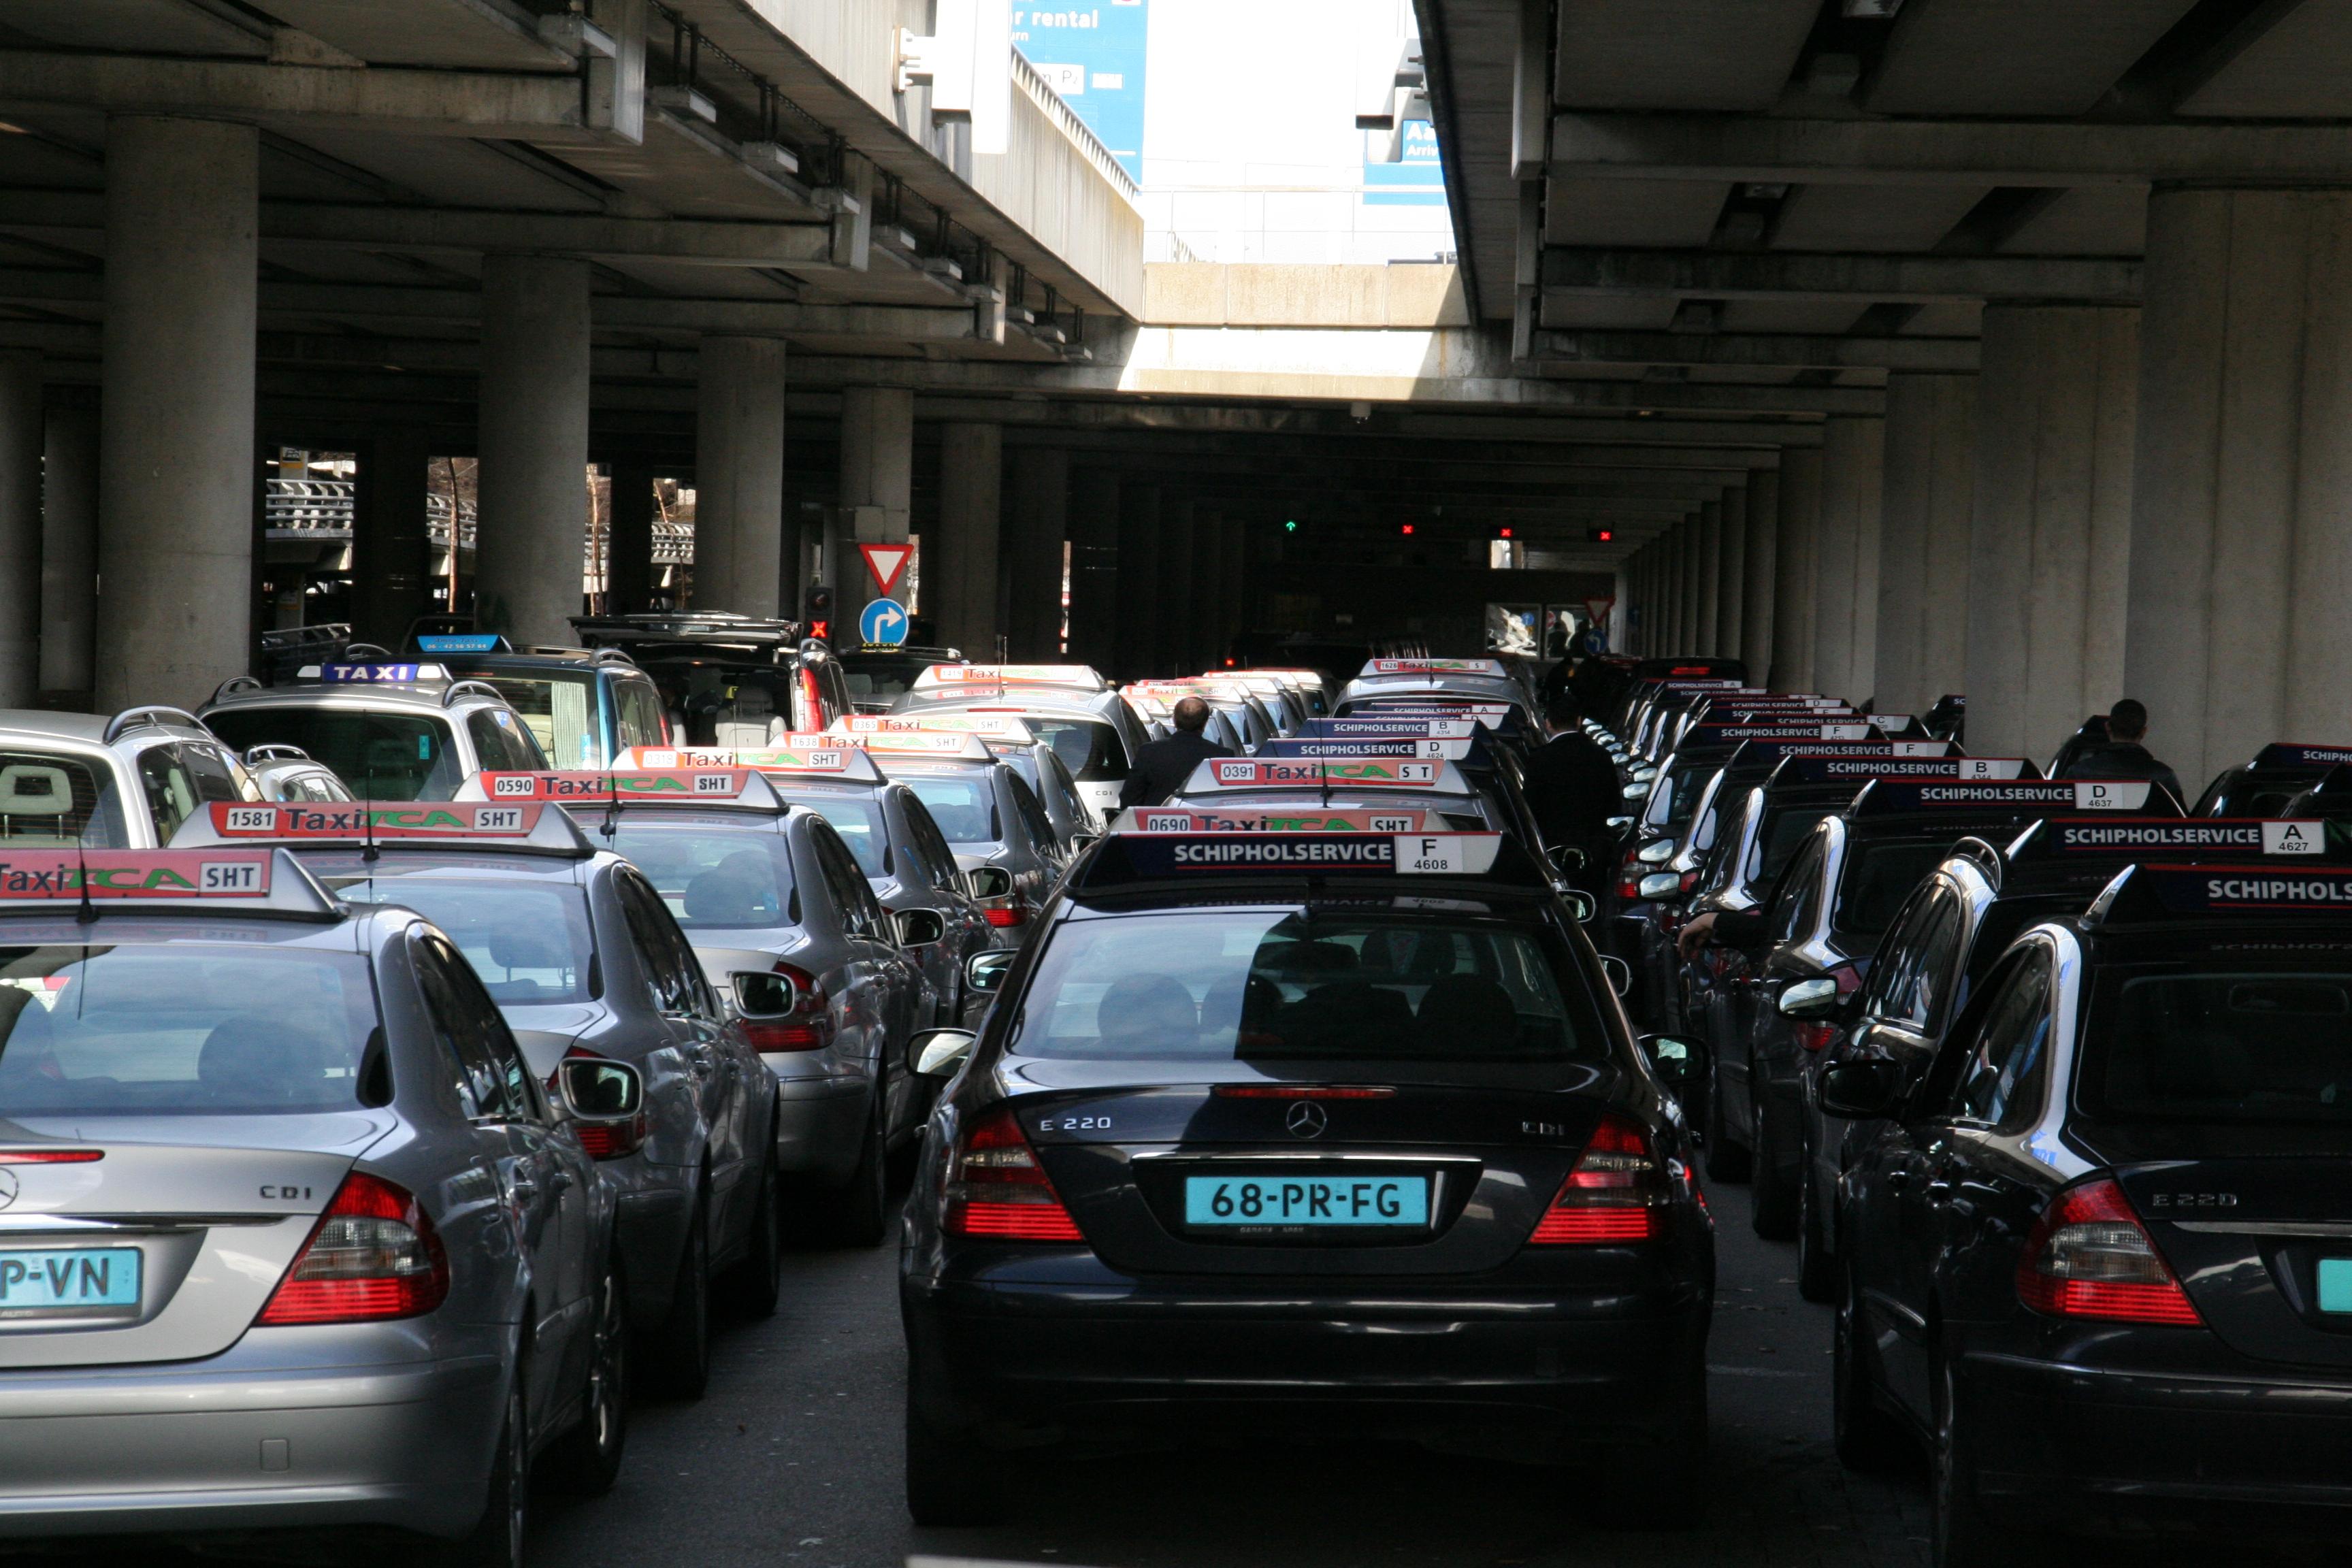 Taxi Kosten Tilburg Naar Schiphol? Lees Dit Eerst